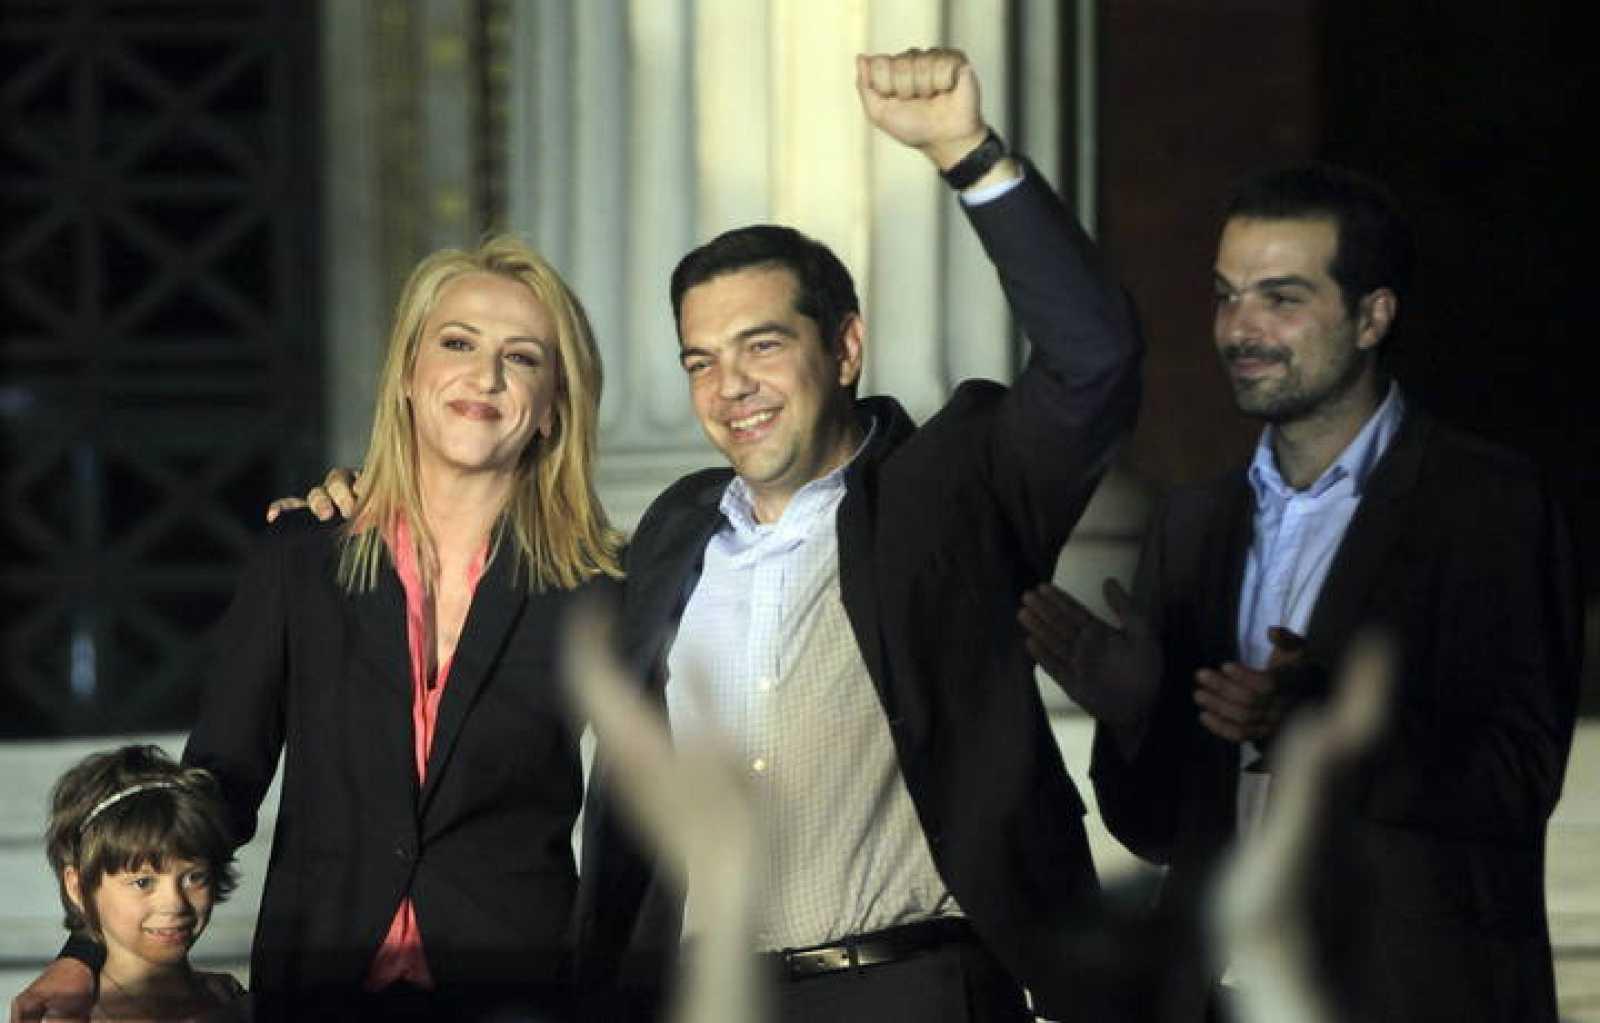 El líder de Syriza, Alexis Tsipras, saluda a sus seguidores en Atenas